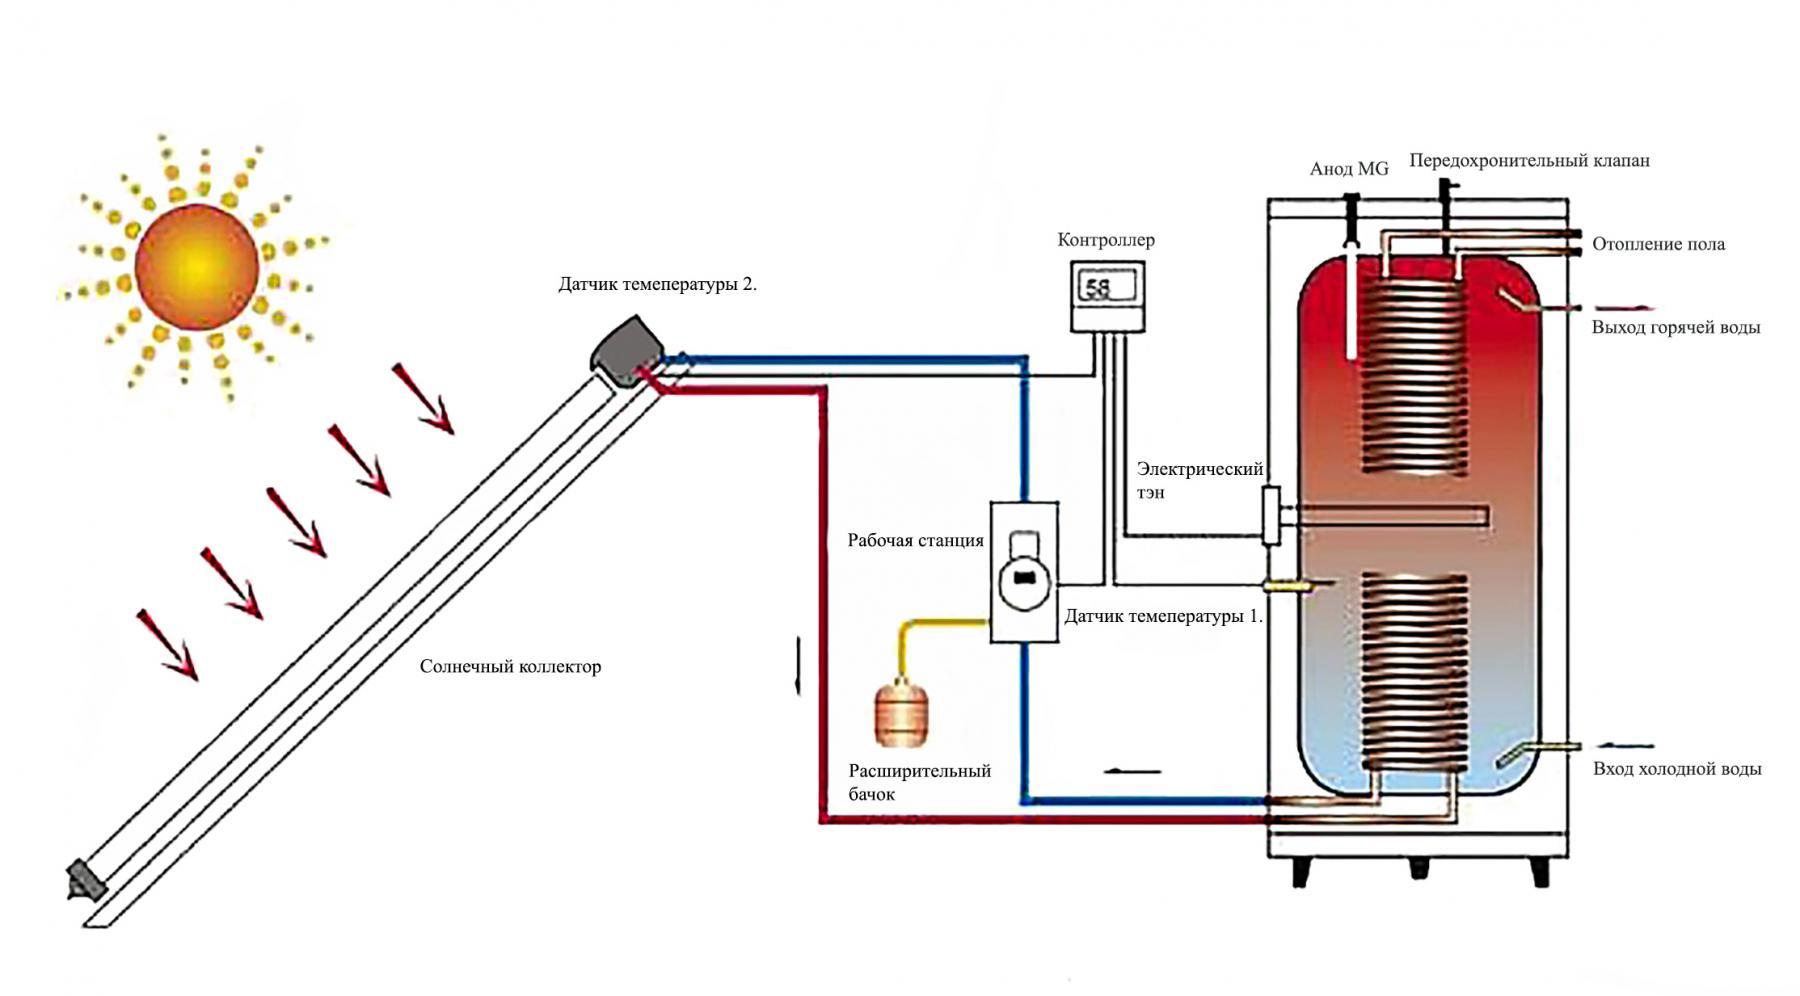 Солнечный водонагреватель: возможности использования геоколлектораи самостоятельное изготовление устройства